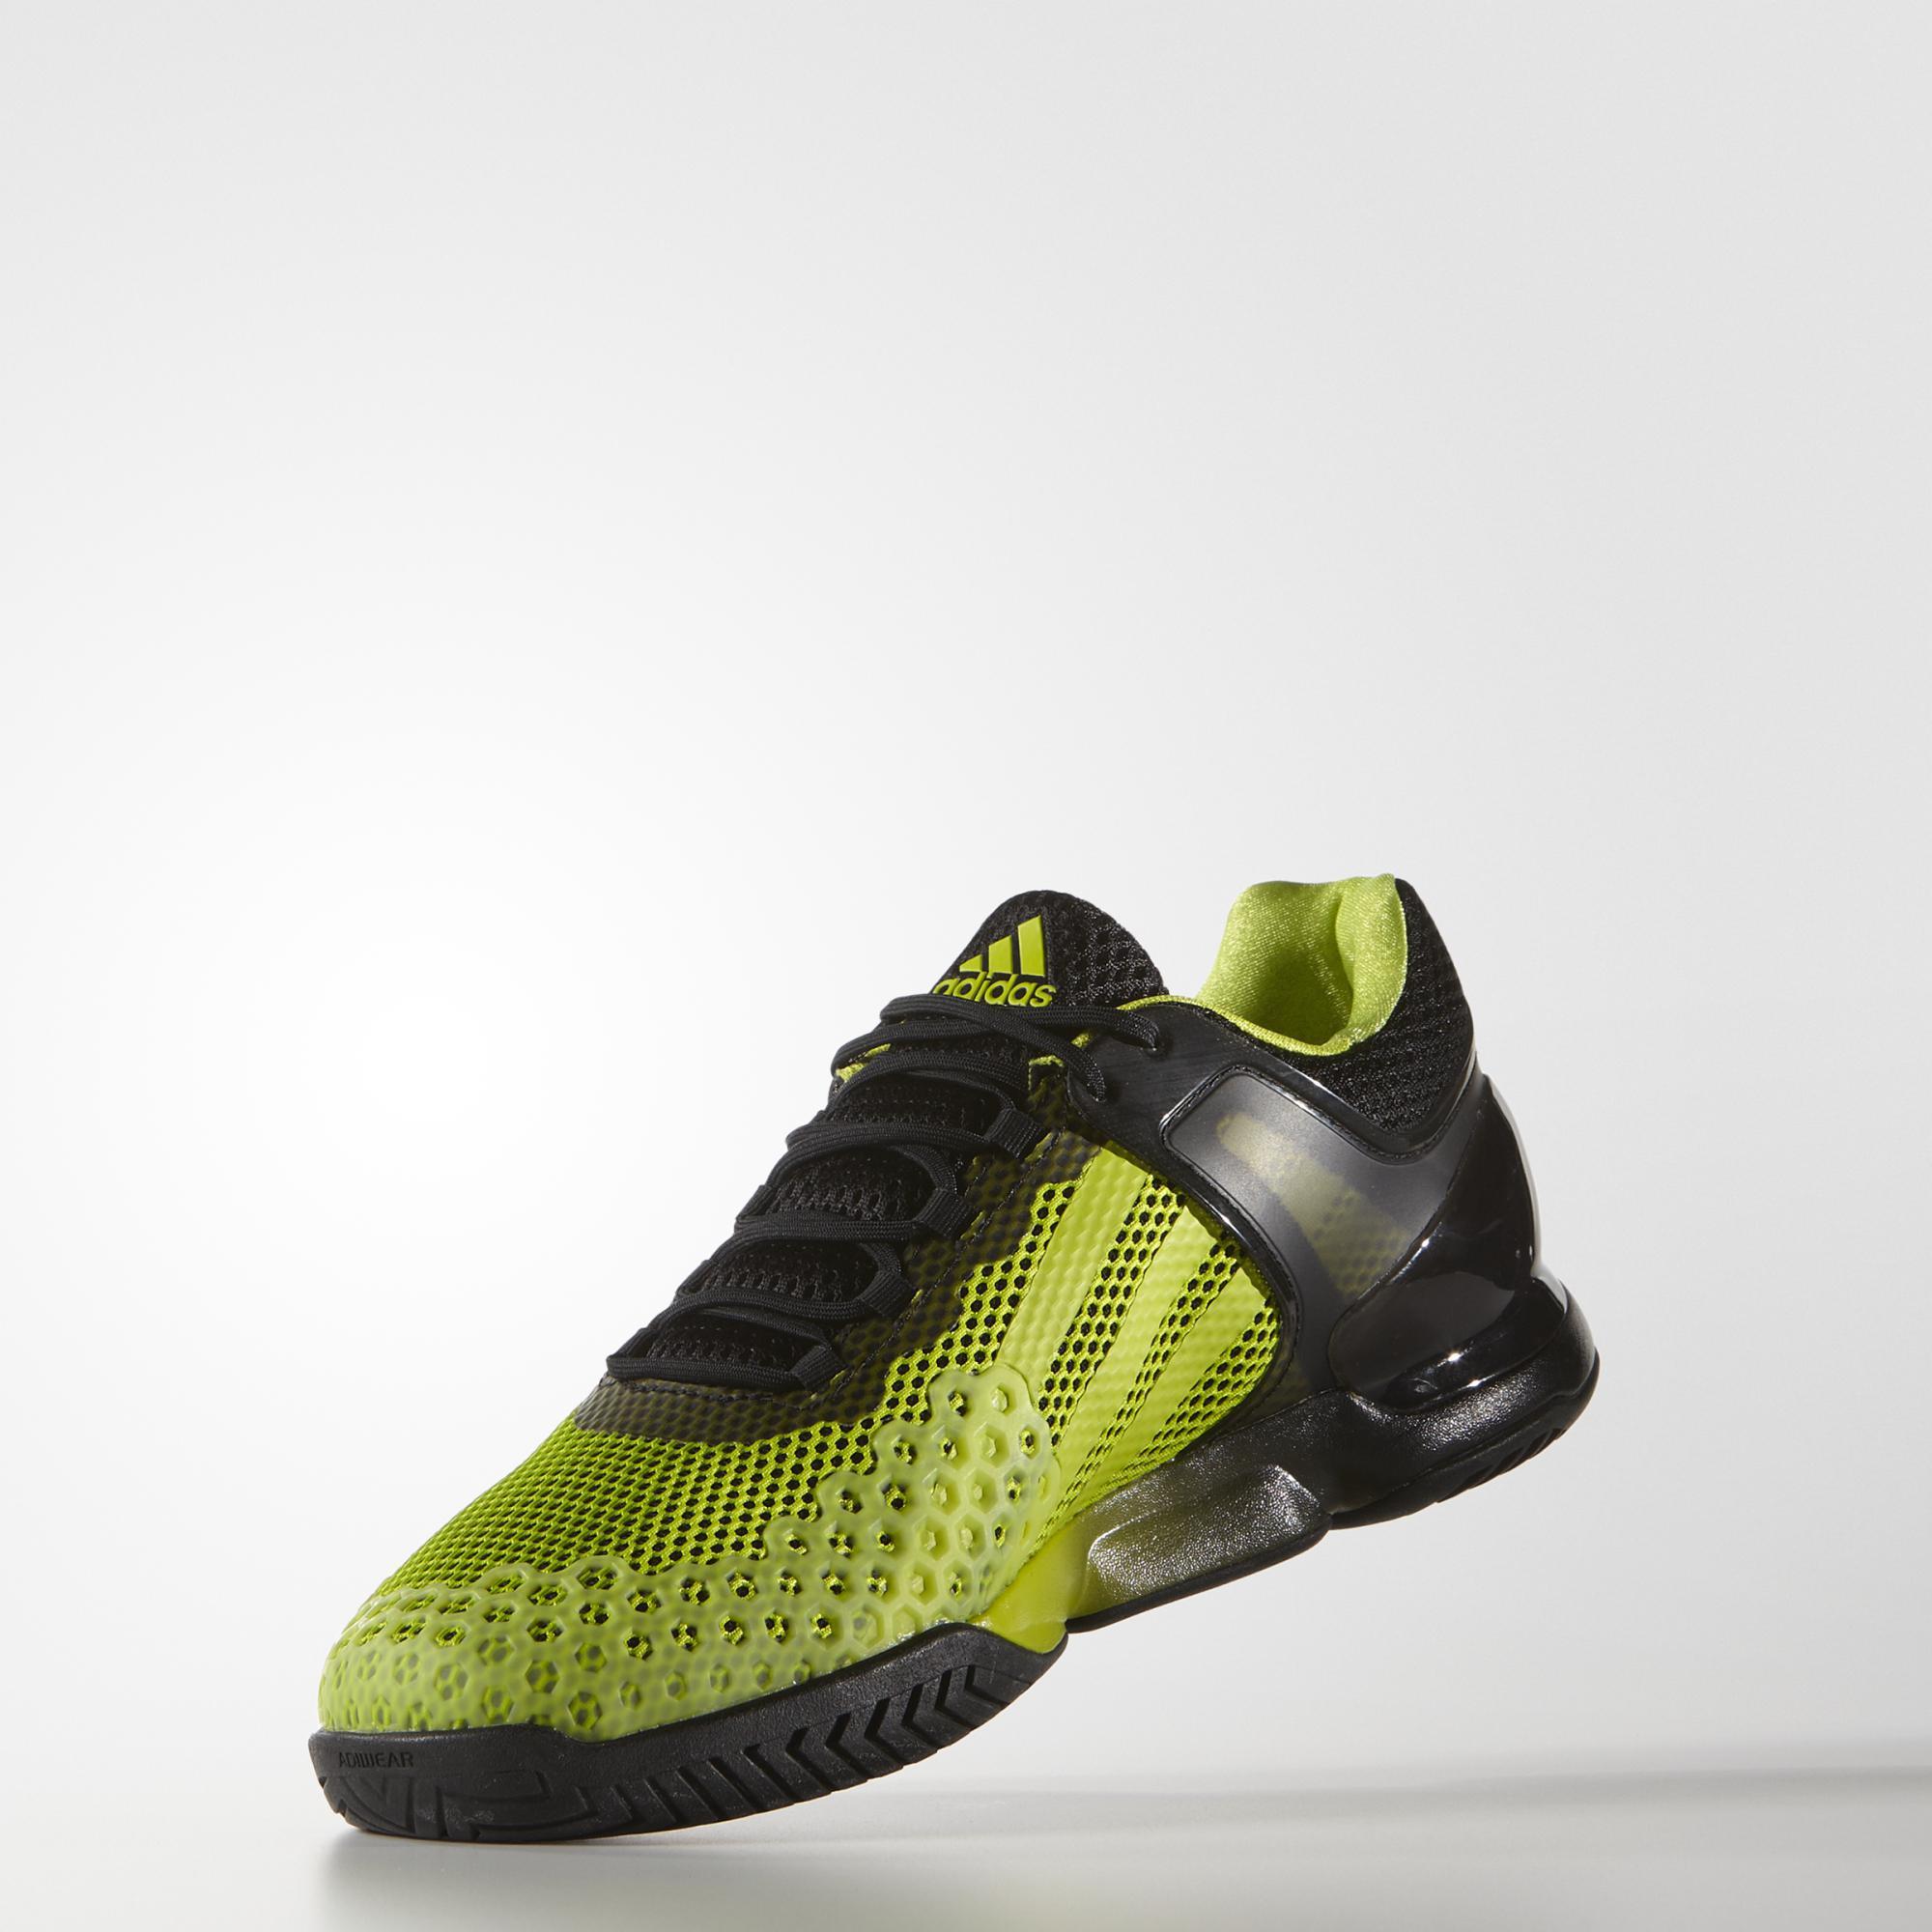 adidas mens adizero ubersonic tennis shoes green black